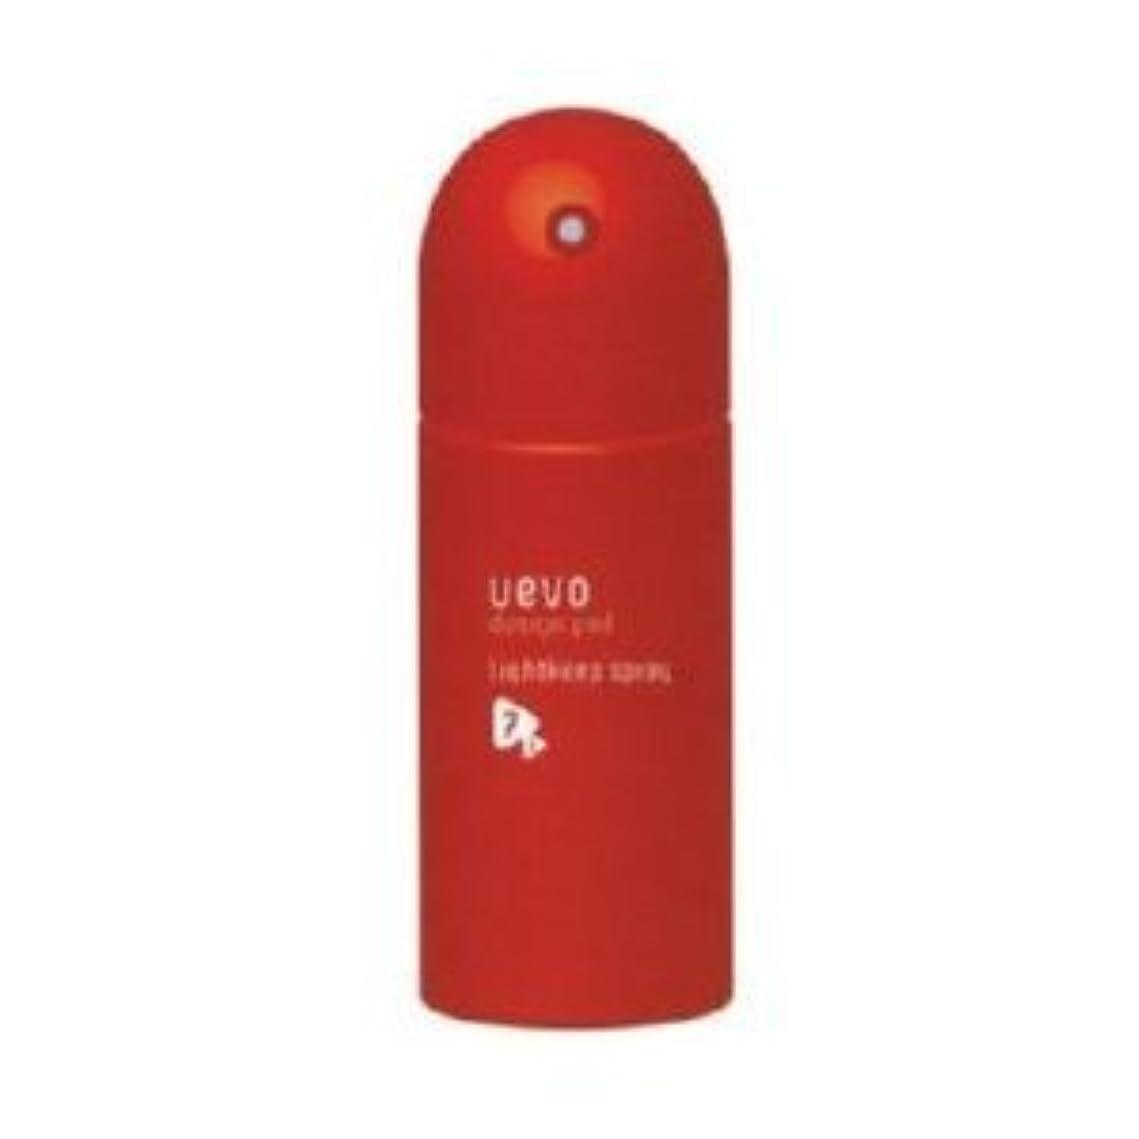 評価保有者敬な【X2個セット】 デミ ウェーボ デザインポッド ライトキープスプレー 220ml lightkeep spray DEMI uevo design pod